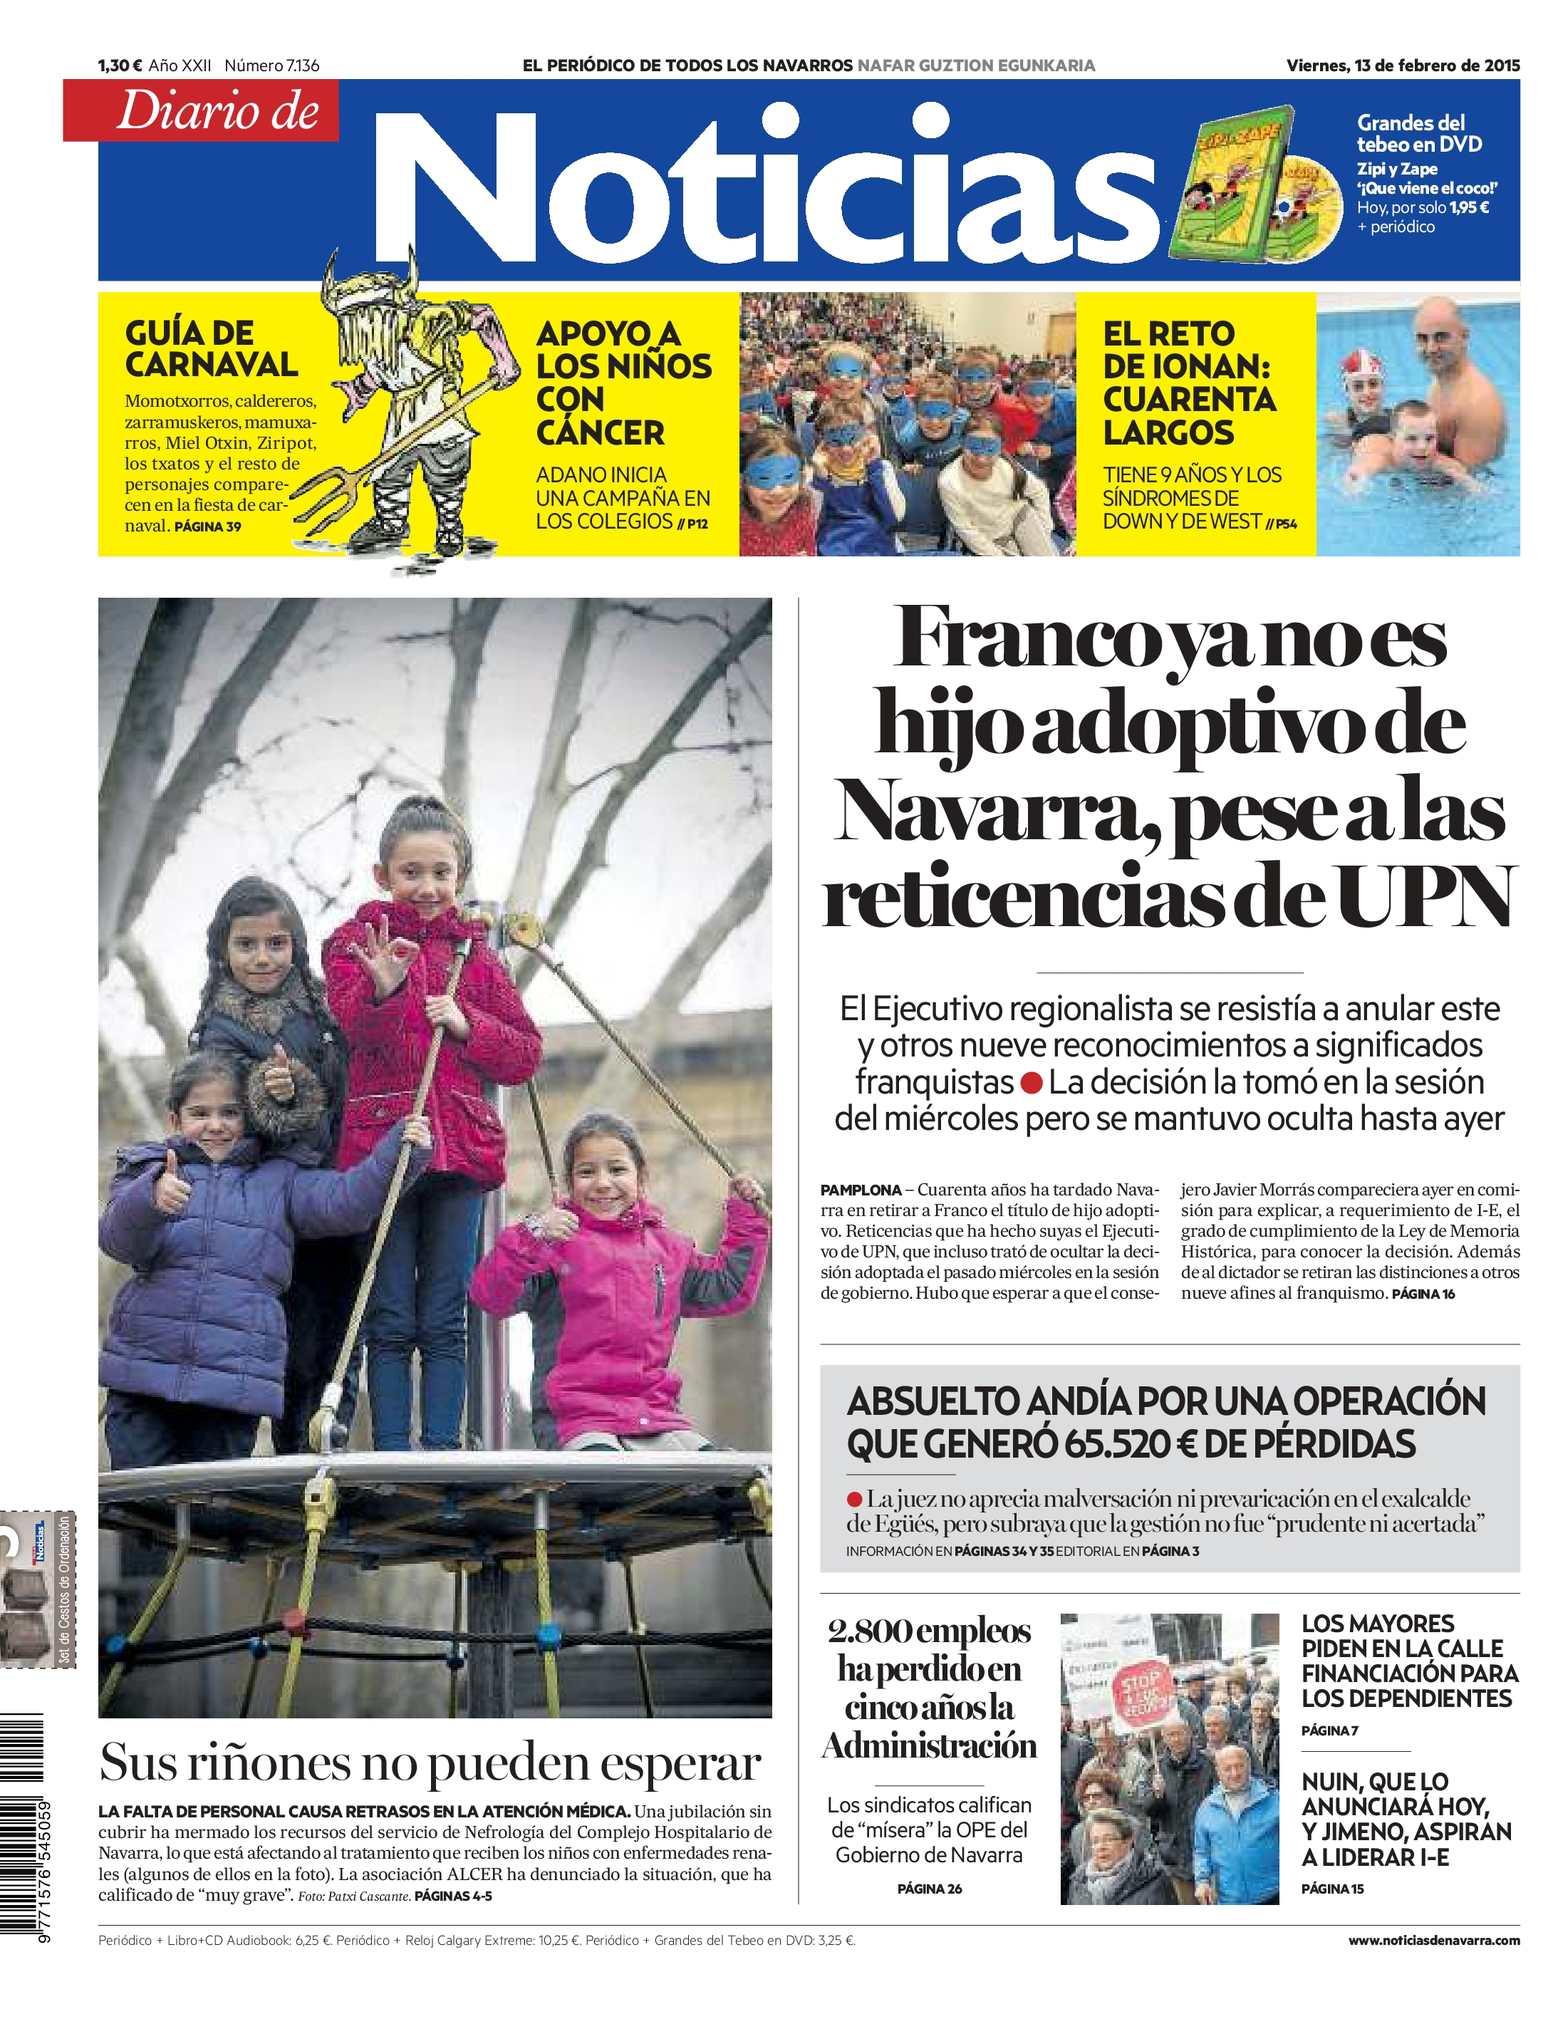 Calaméo - Diario de Noticias 20150213